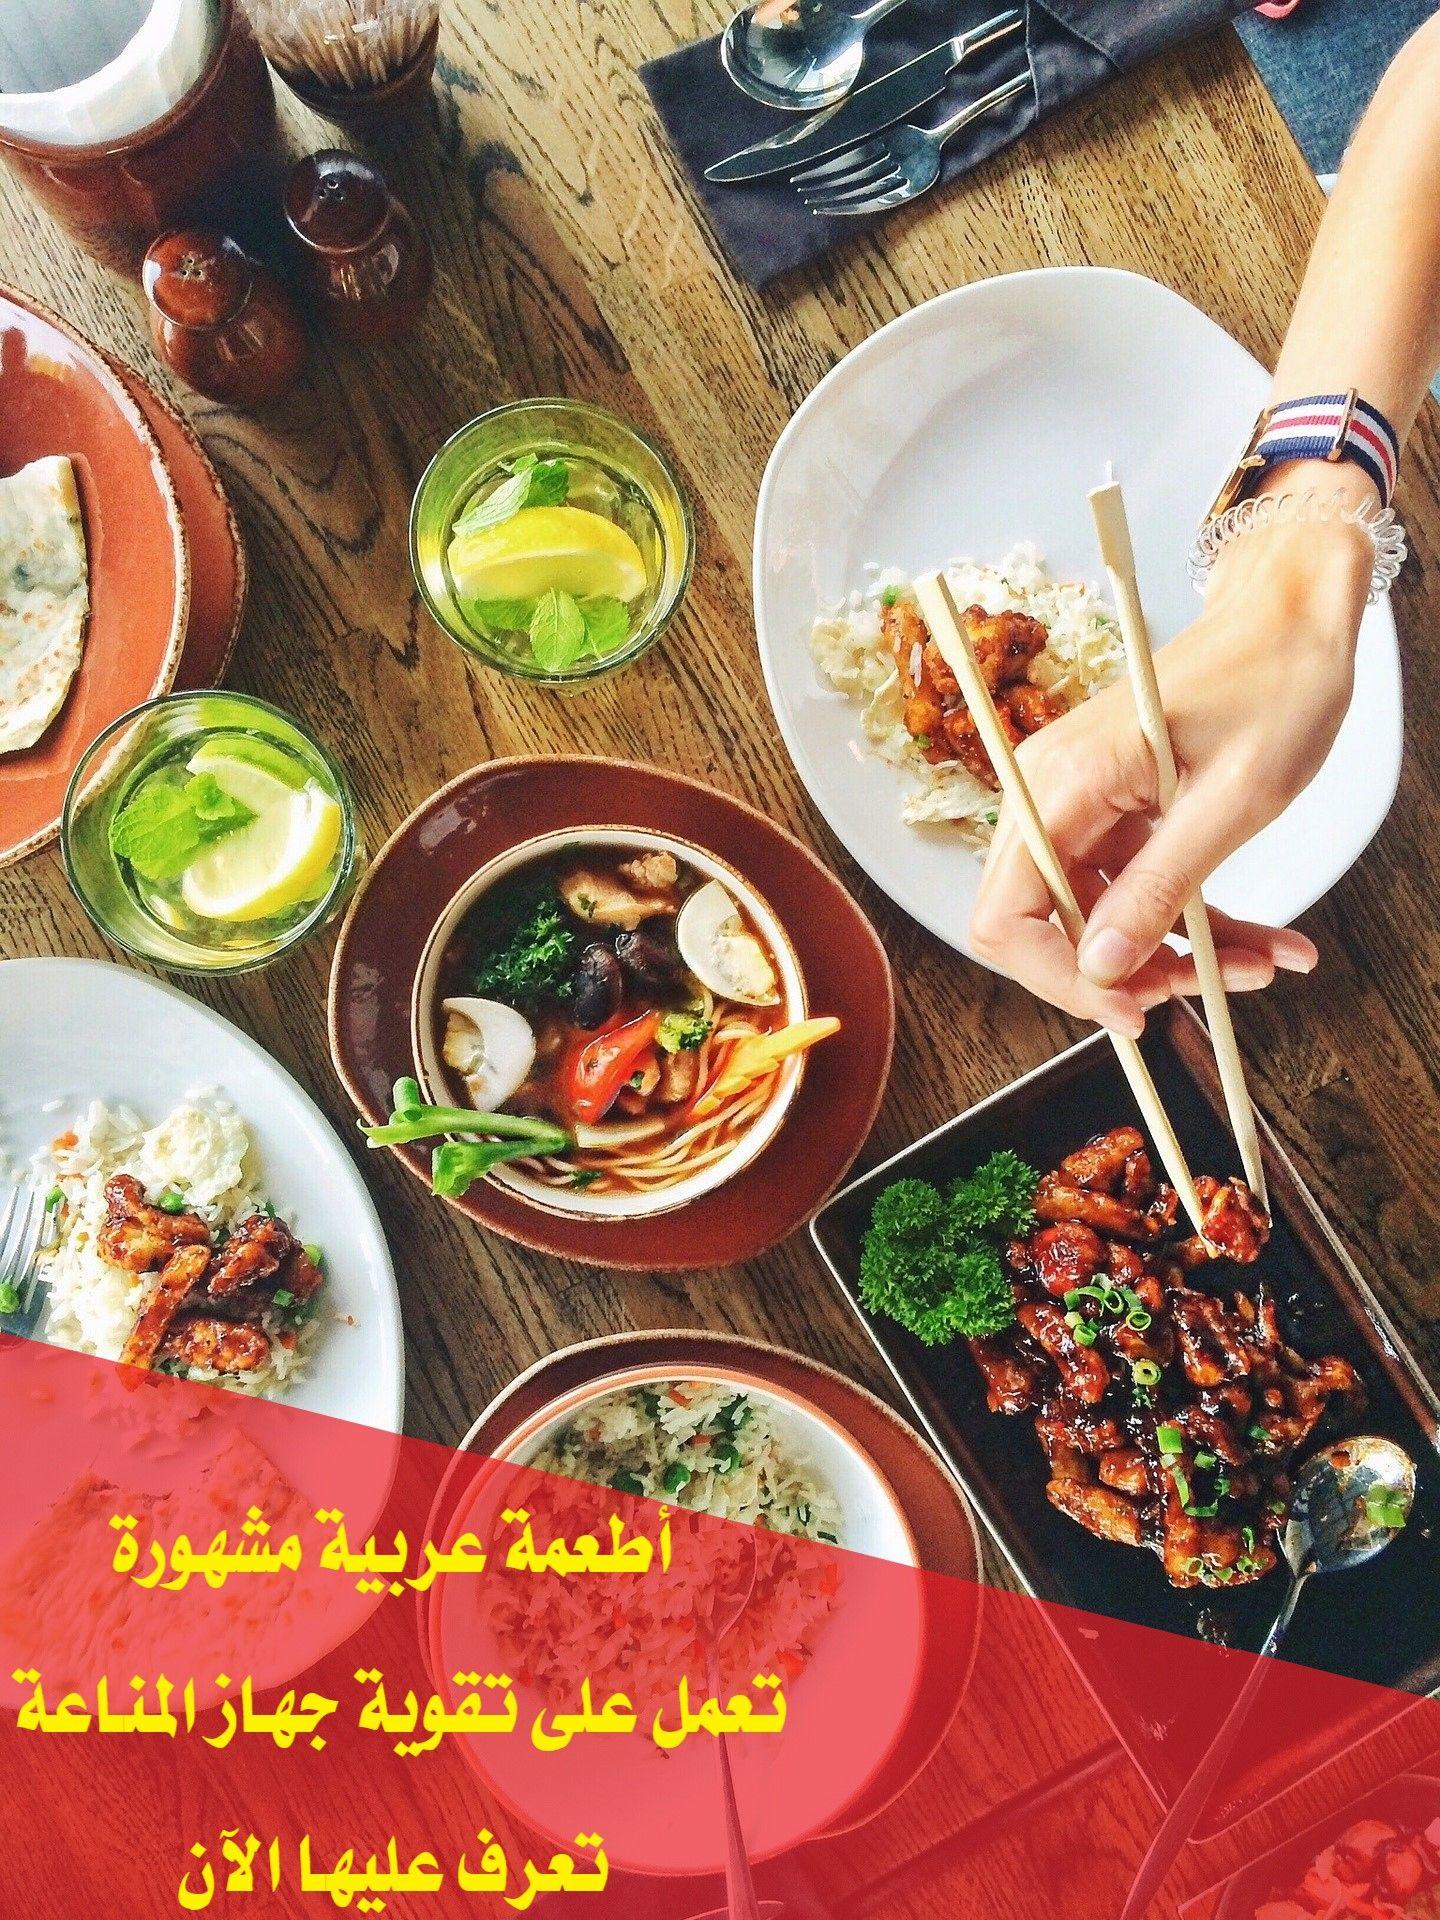 أطعمة عربية شائعة تعمل على تقوية جهاز المناعة دون أن نعرف In 2020 Workout Food Food Post Workout Food